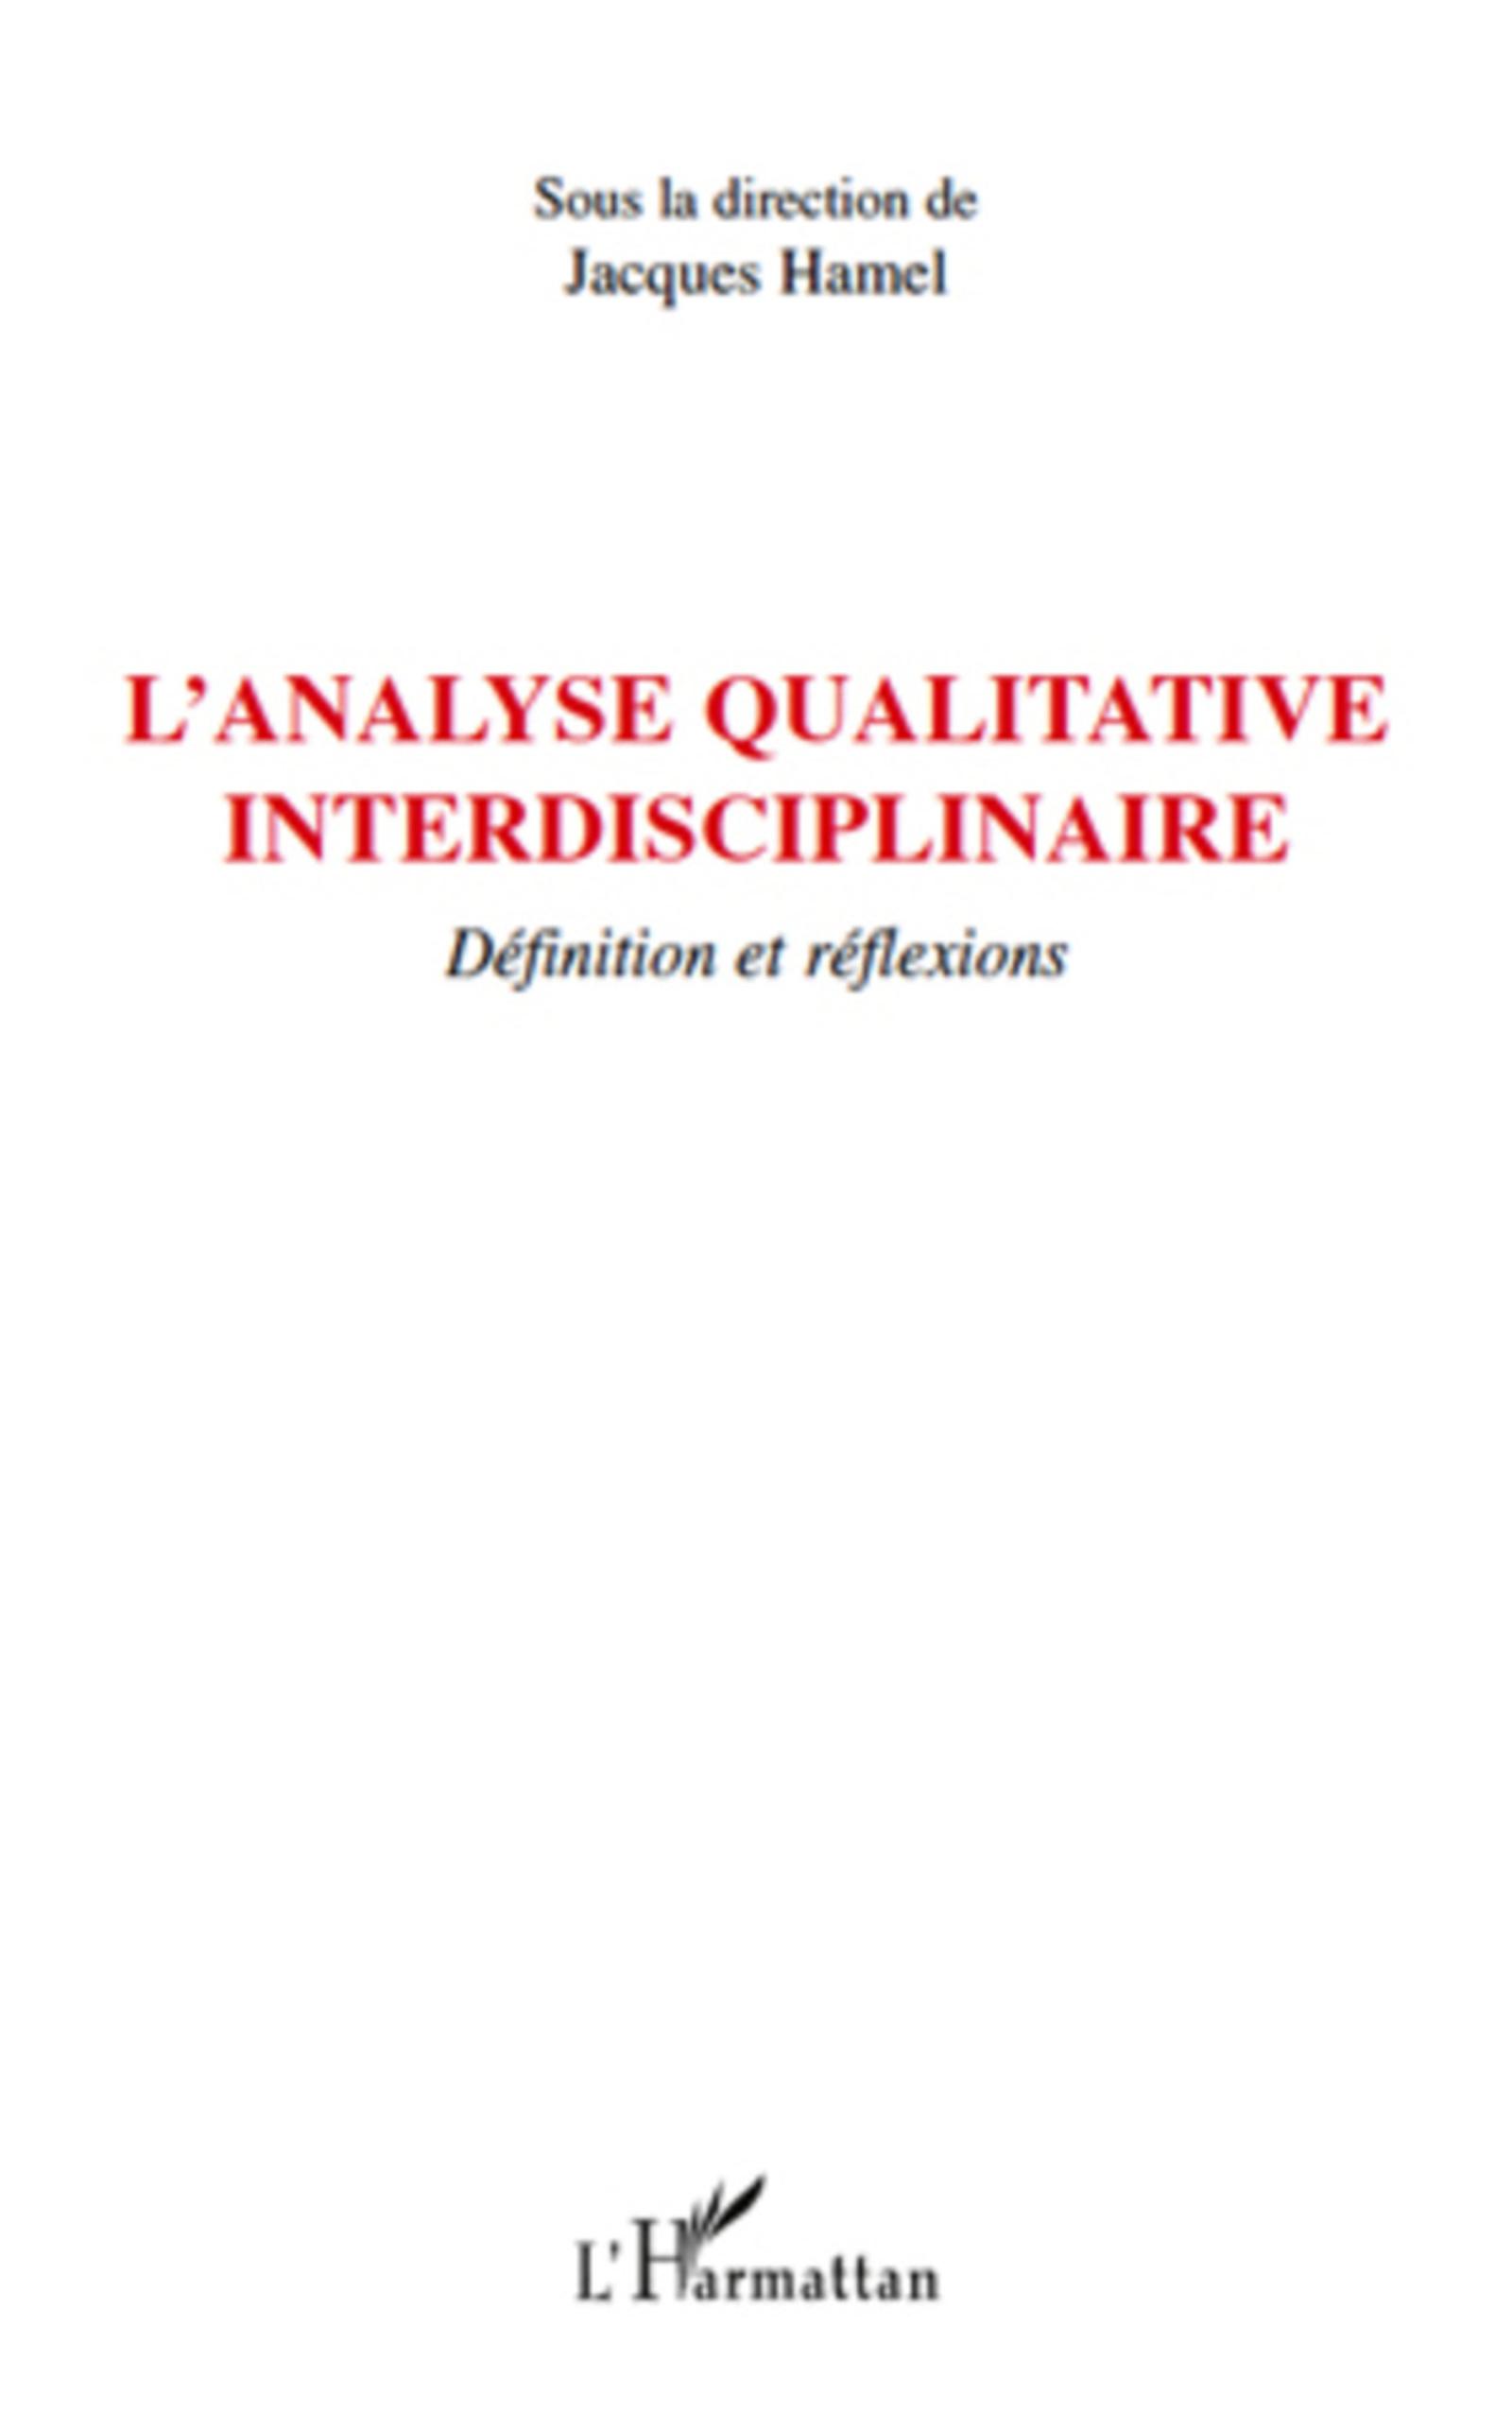 L'analyse qualitative interdisciplinaire. Définition et réflexions - Jacques Hamel